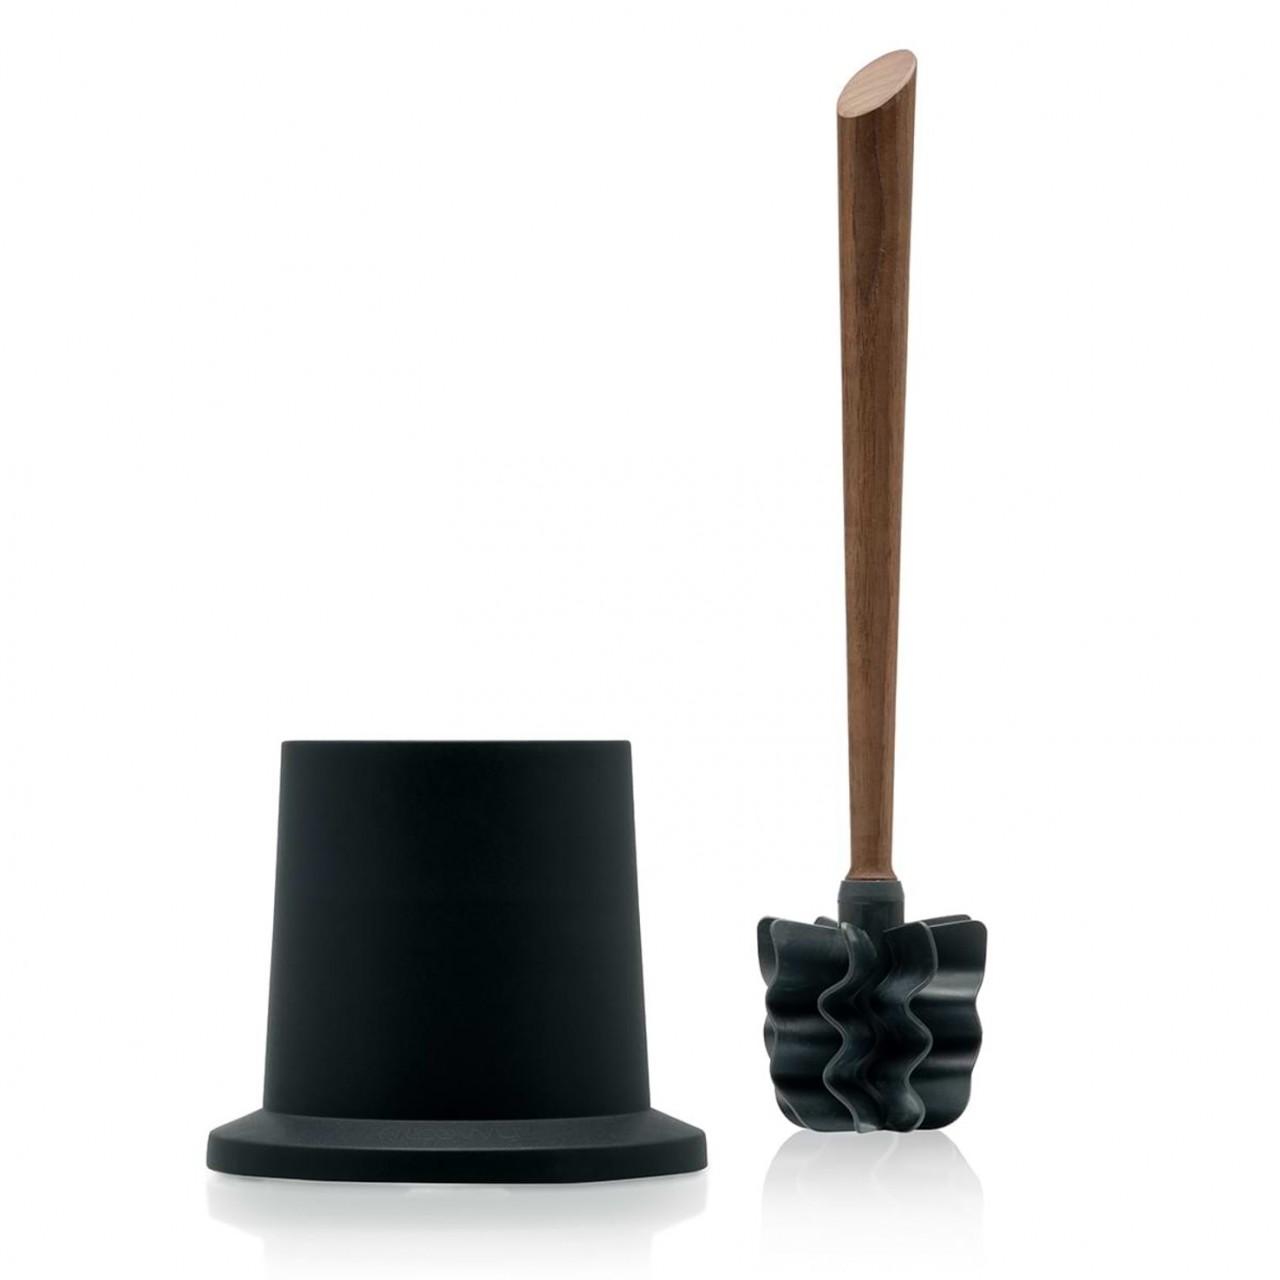 LOOWY Woodline – Nussbaum Set | Toilettenbürste mit Nussbaumgriff und Halter Kunststoff schwarz